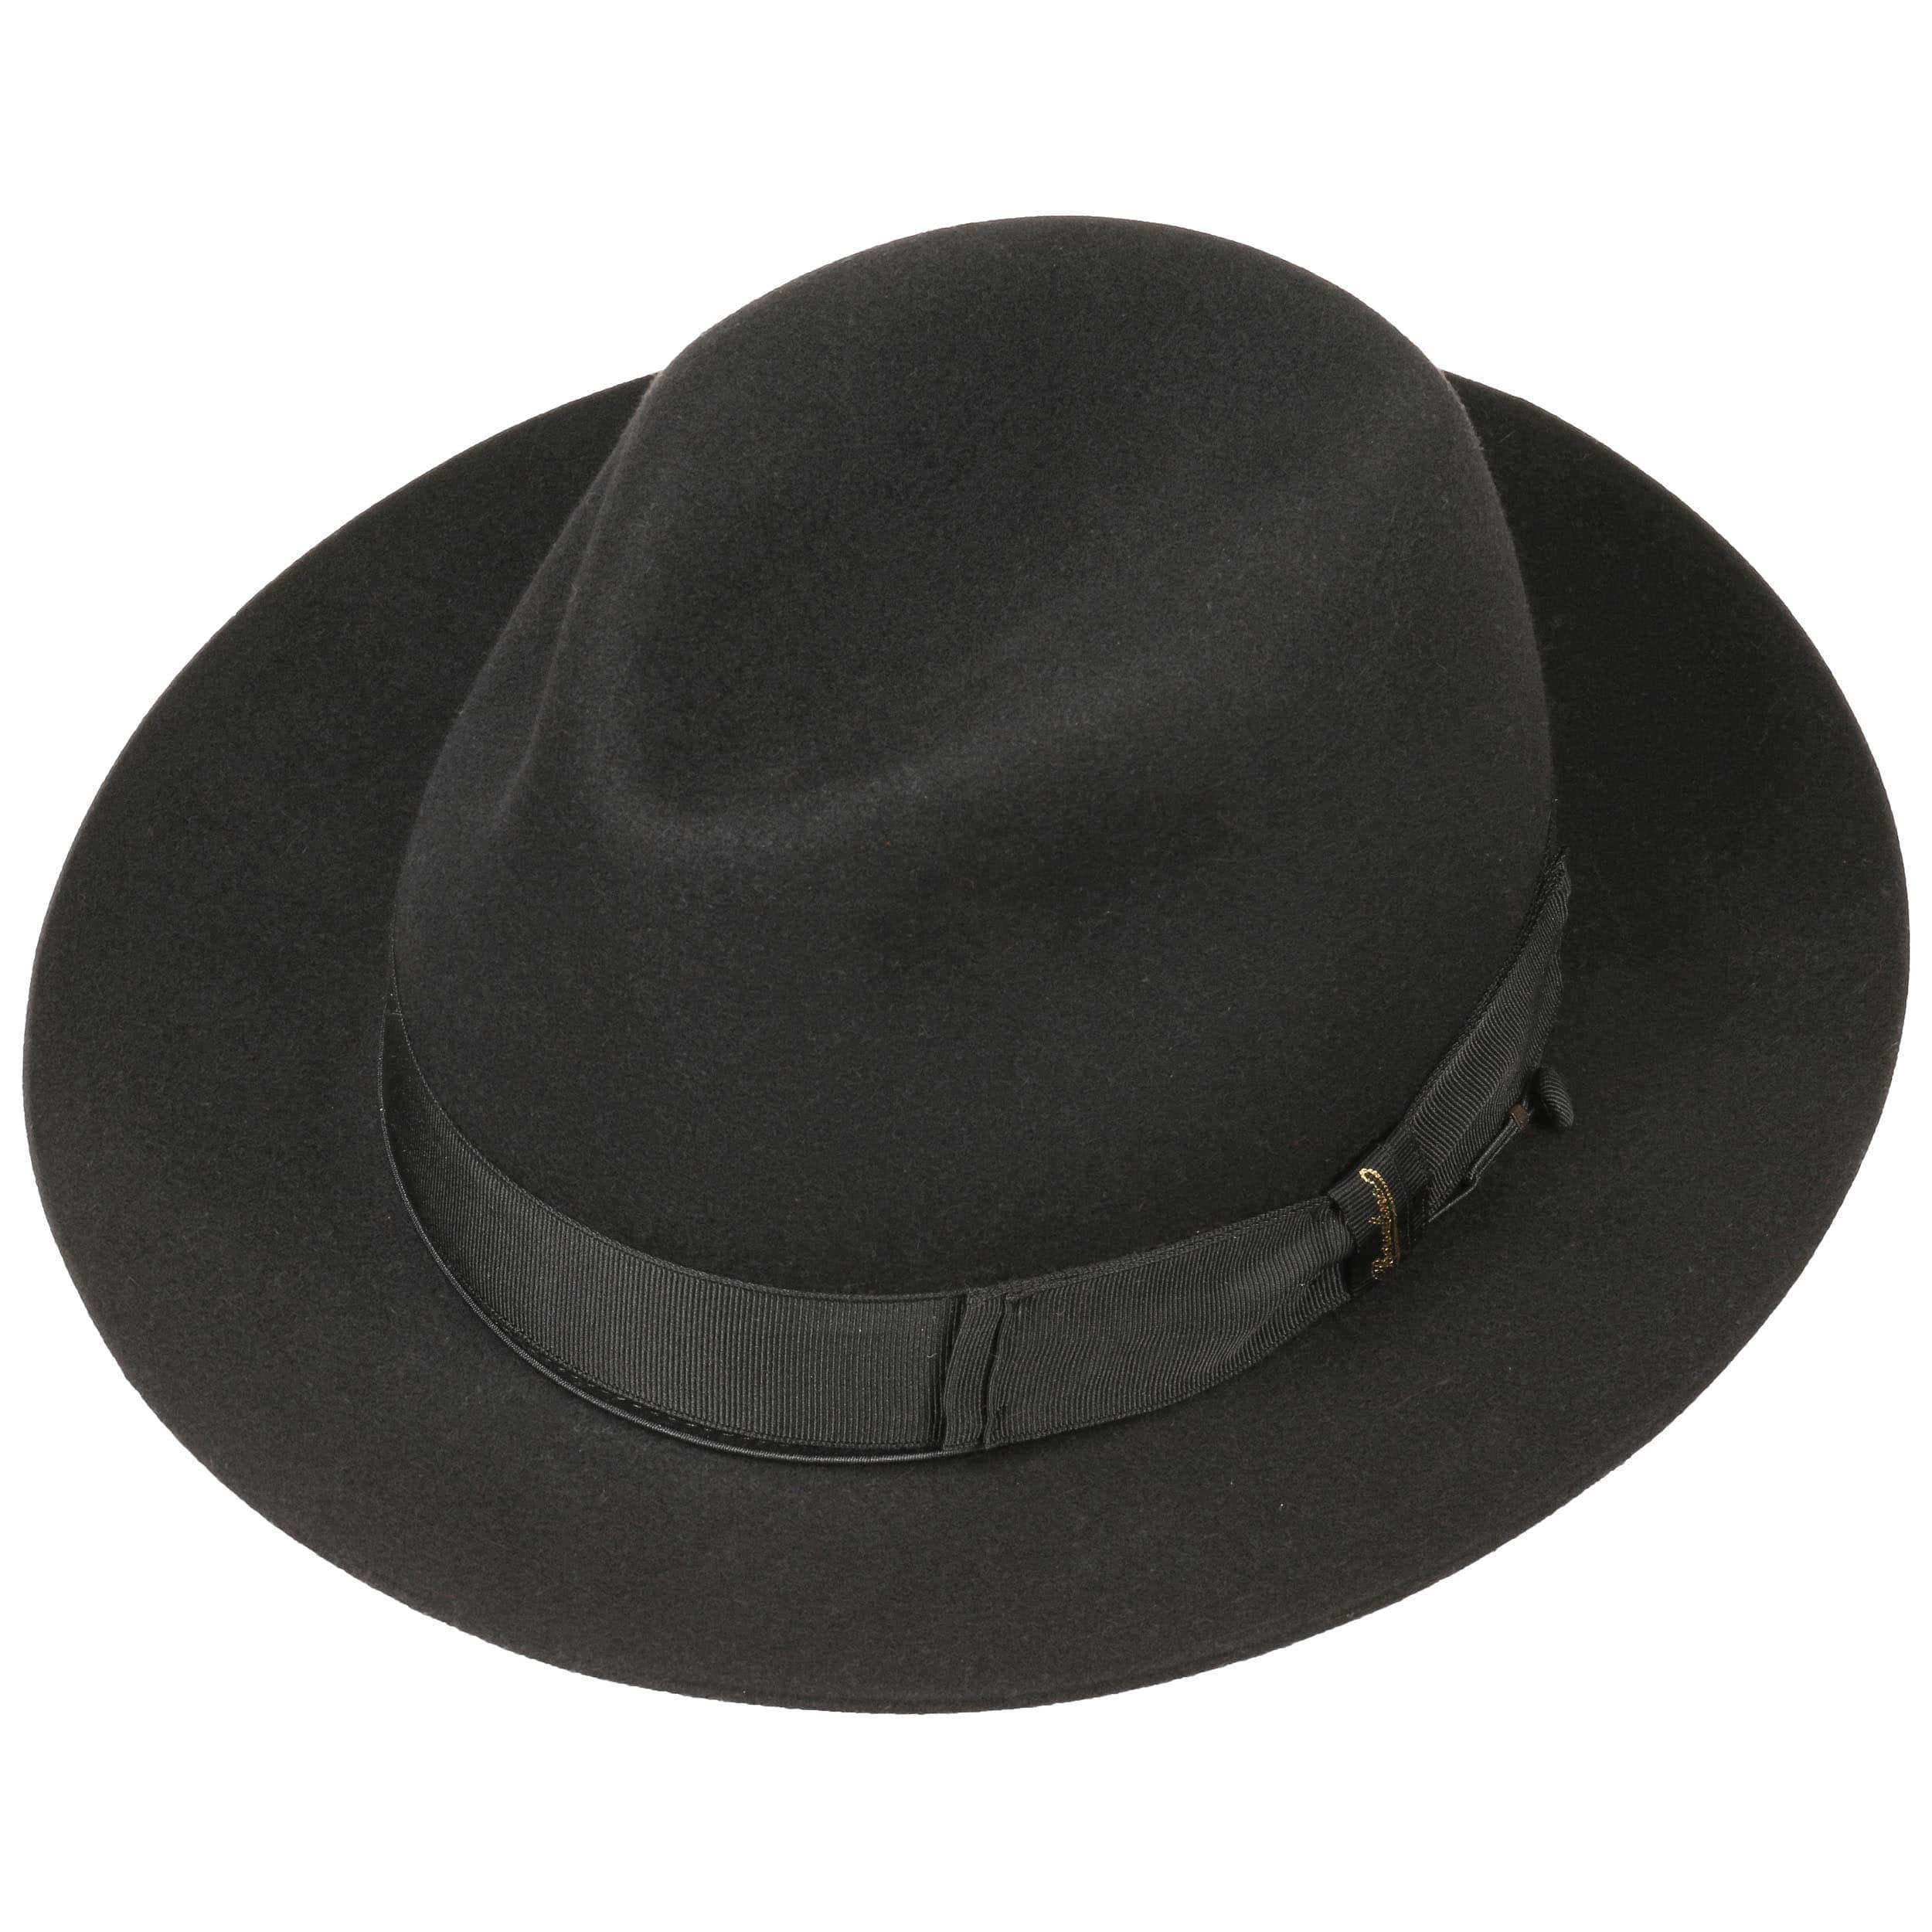 Sombrero de pelo de hombre borsalino eur sombreroshop jpg 2500x2500 Sombrero  hombre 05a5e73c7e7